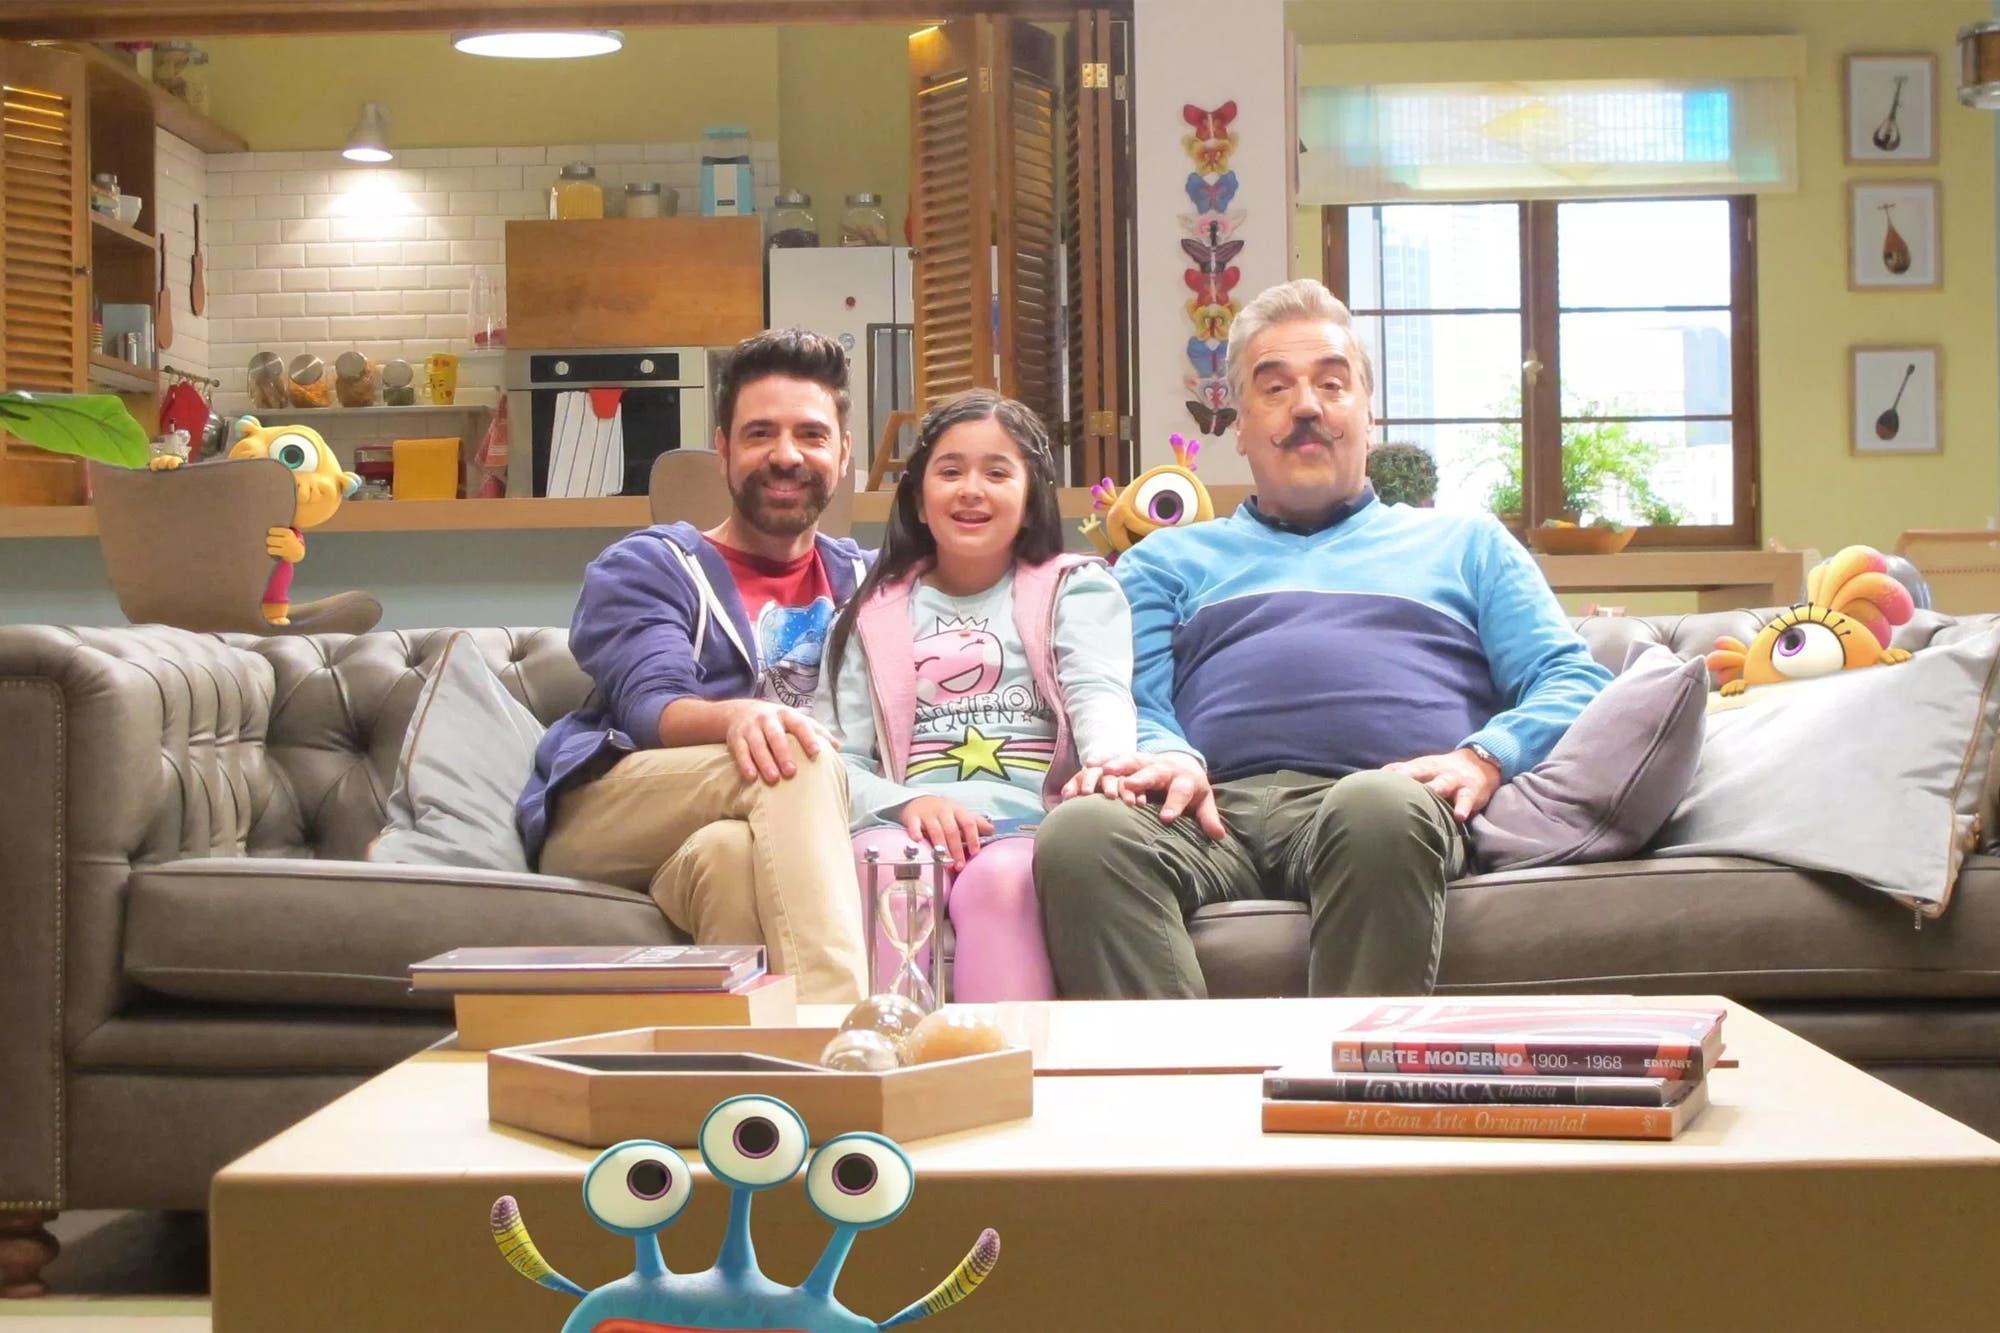 Actrices Porno De Aspecto Infantil con nivis, amigos de otro mundo, disney presenta una familia